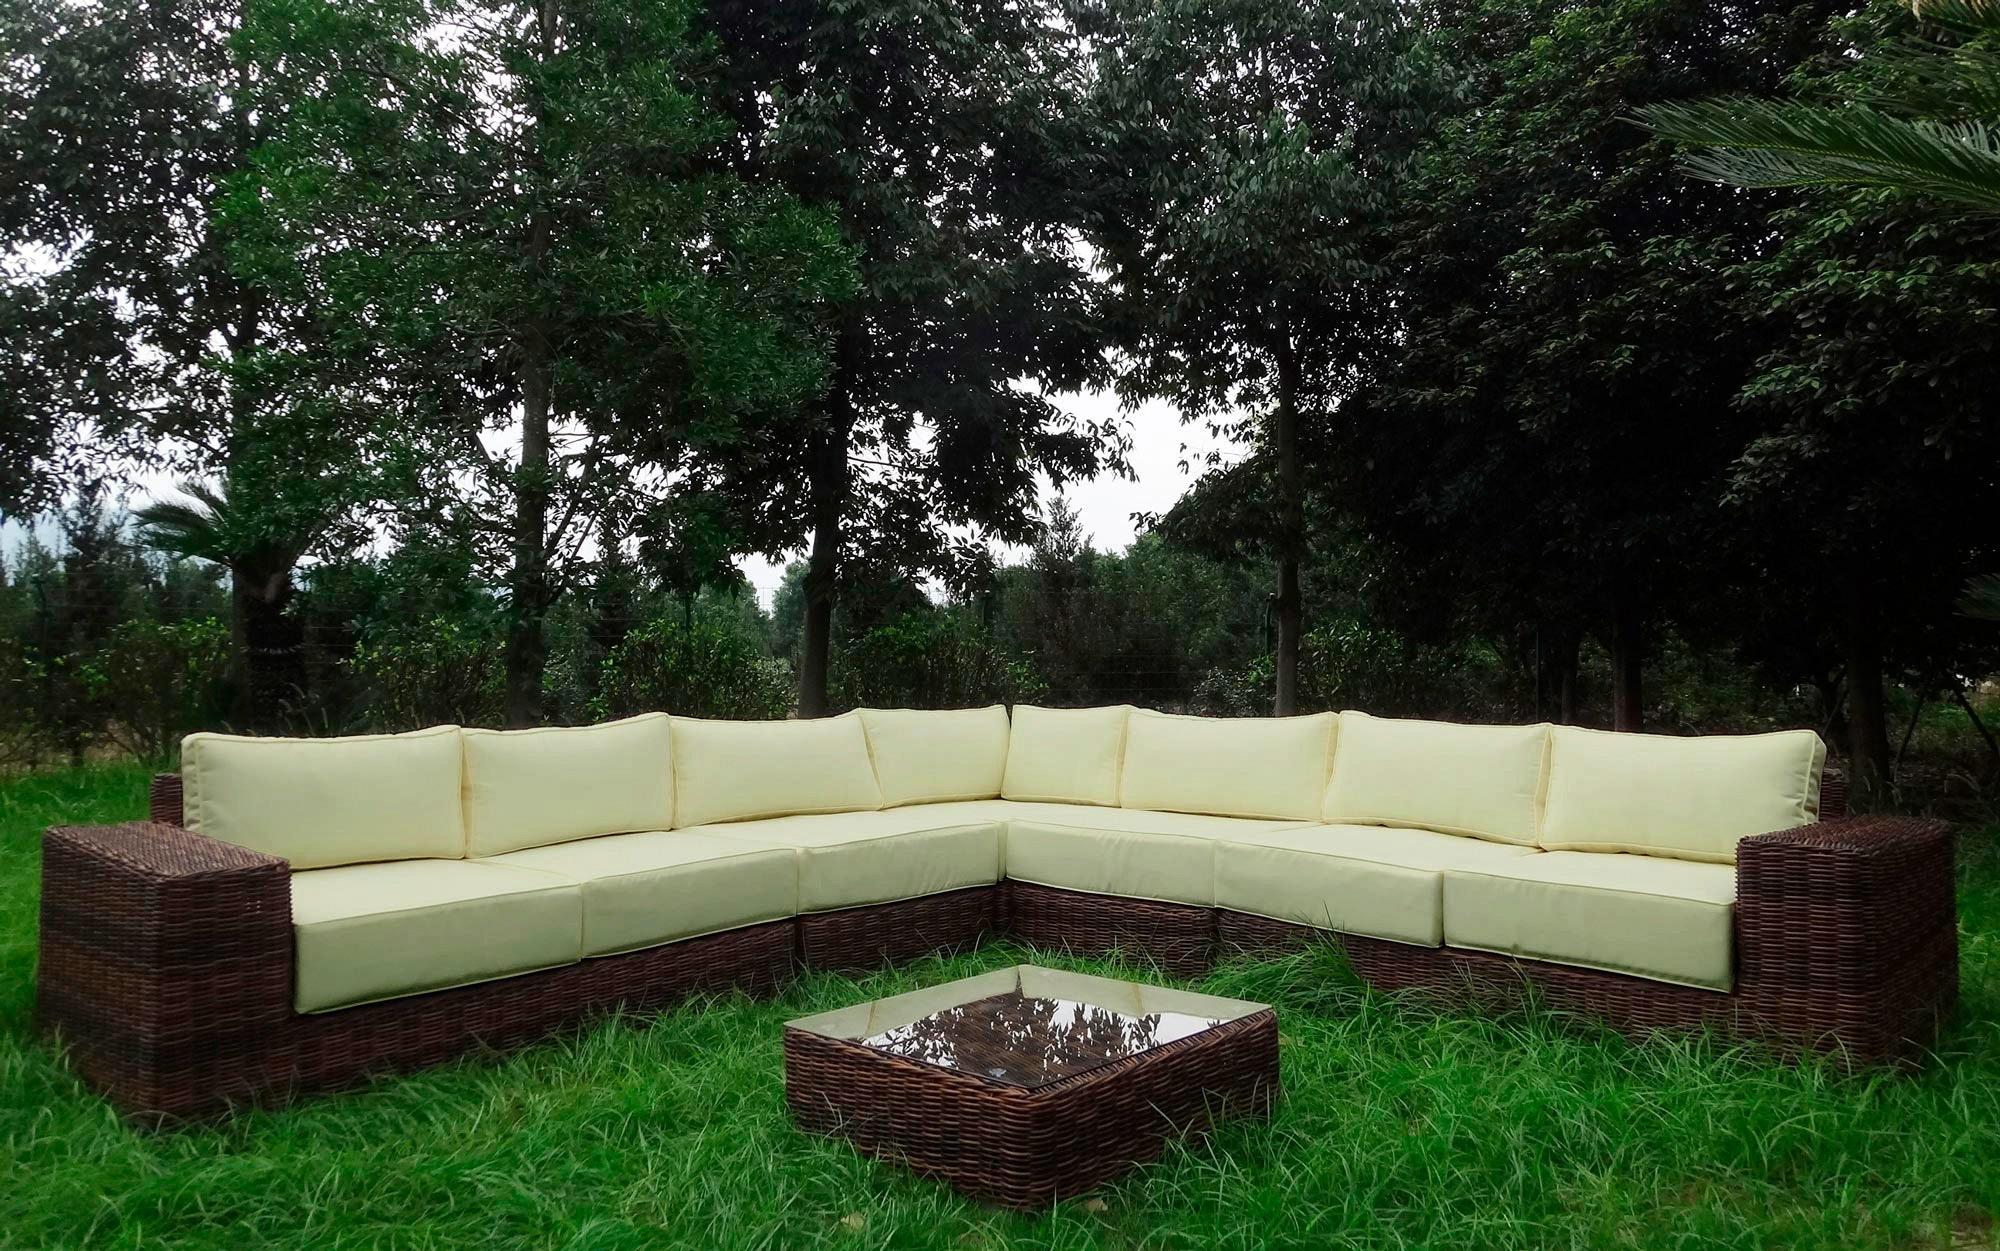 BAIDANI Loungeset »Sensation«, 20-tlg., Ecklounge, Tisch 67x67x40 cm, Polyrattan | Garten > Gartenmöbel > Gartenmöbel-Set | Braun | Polyrattan | BAIDANI